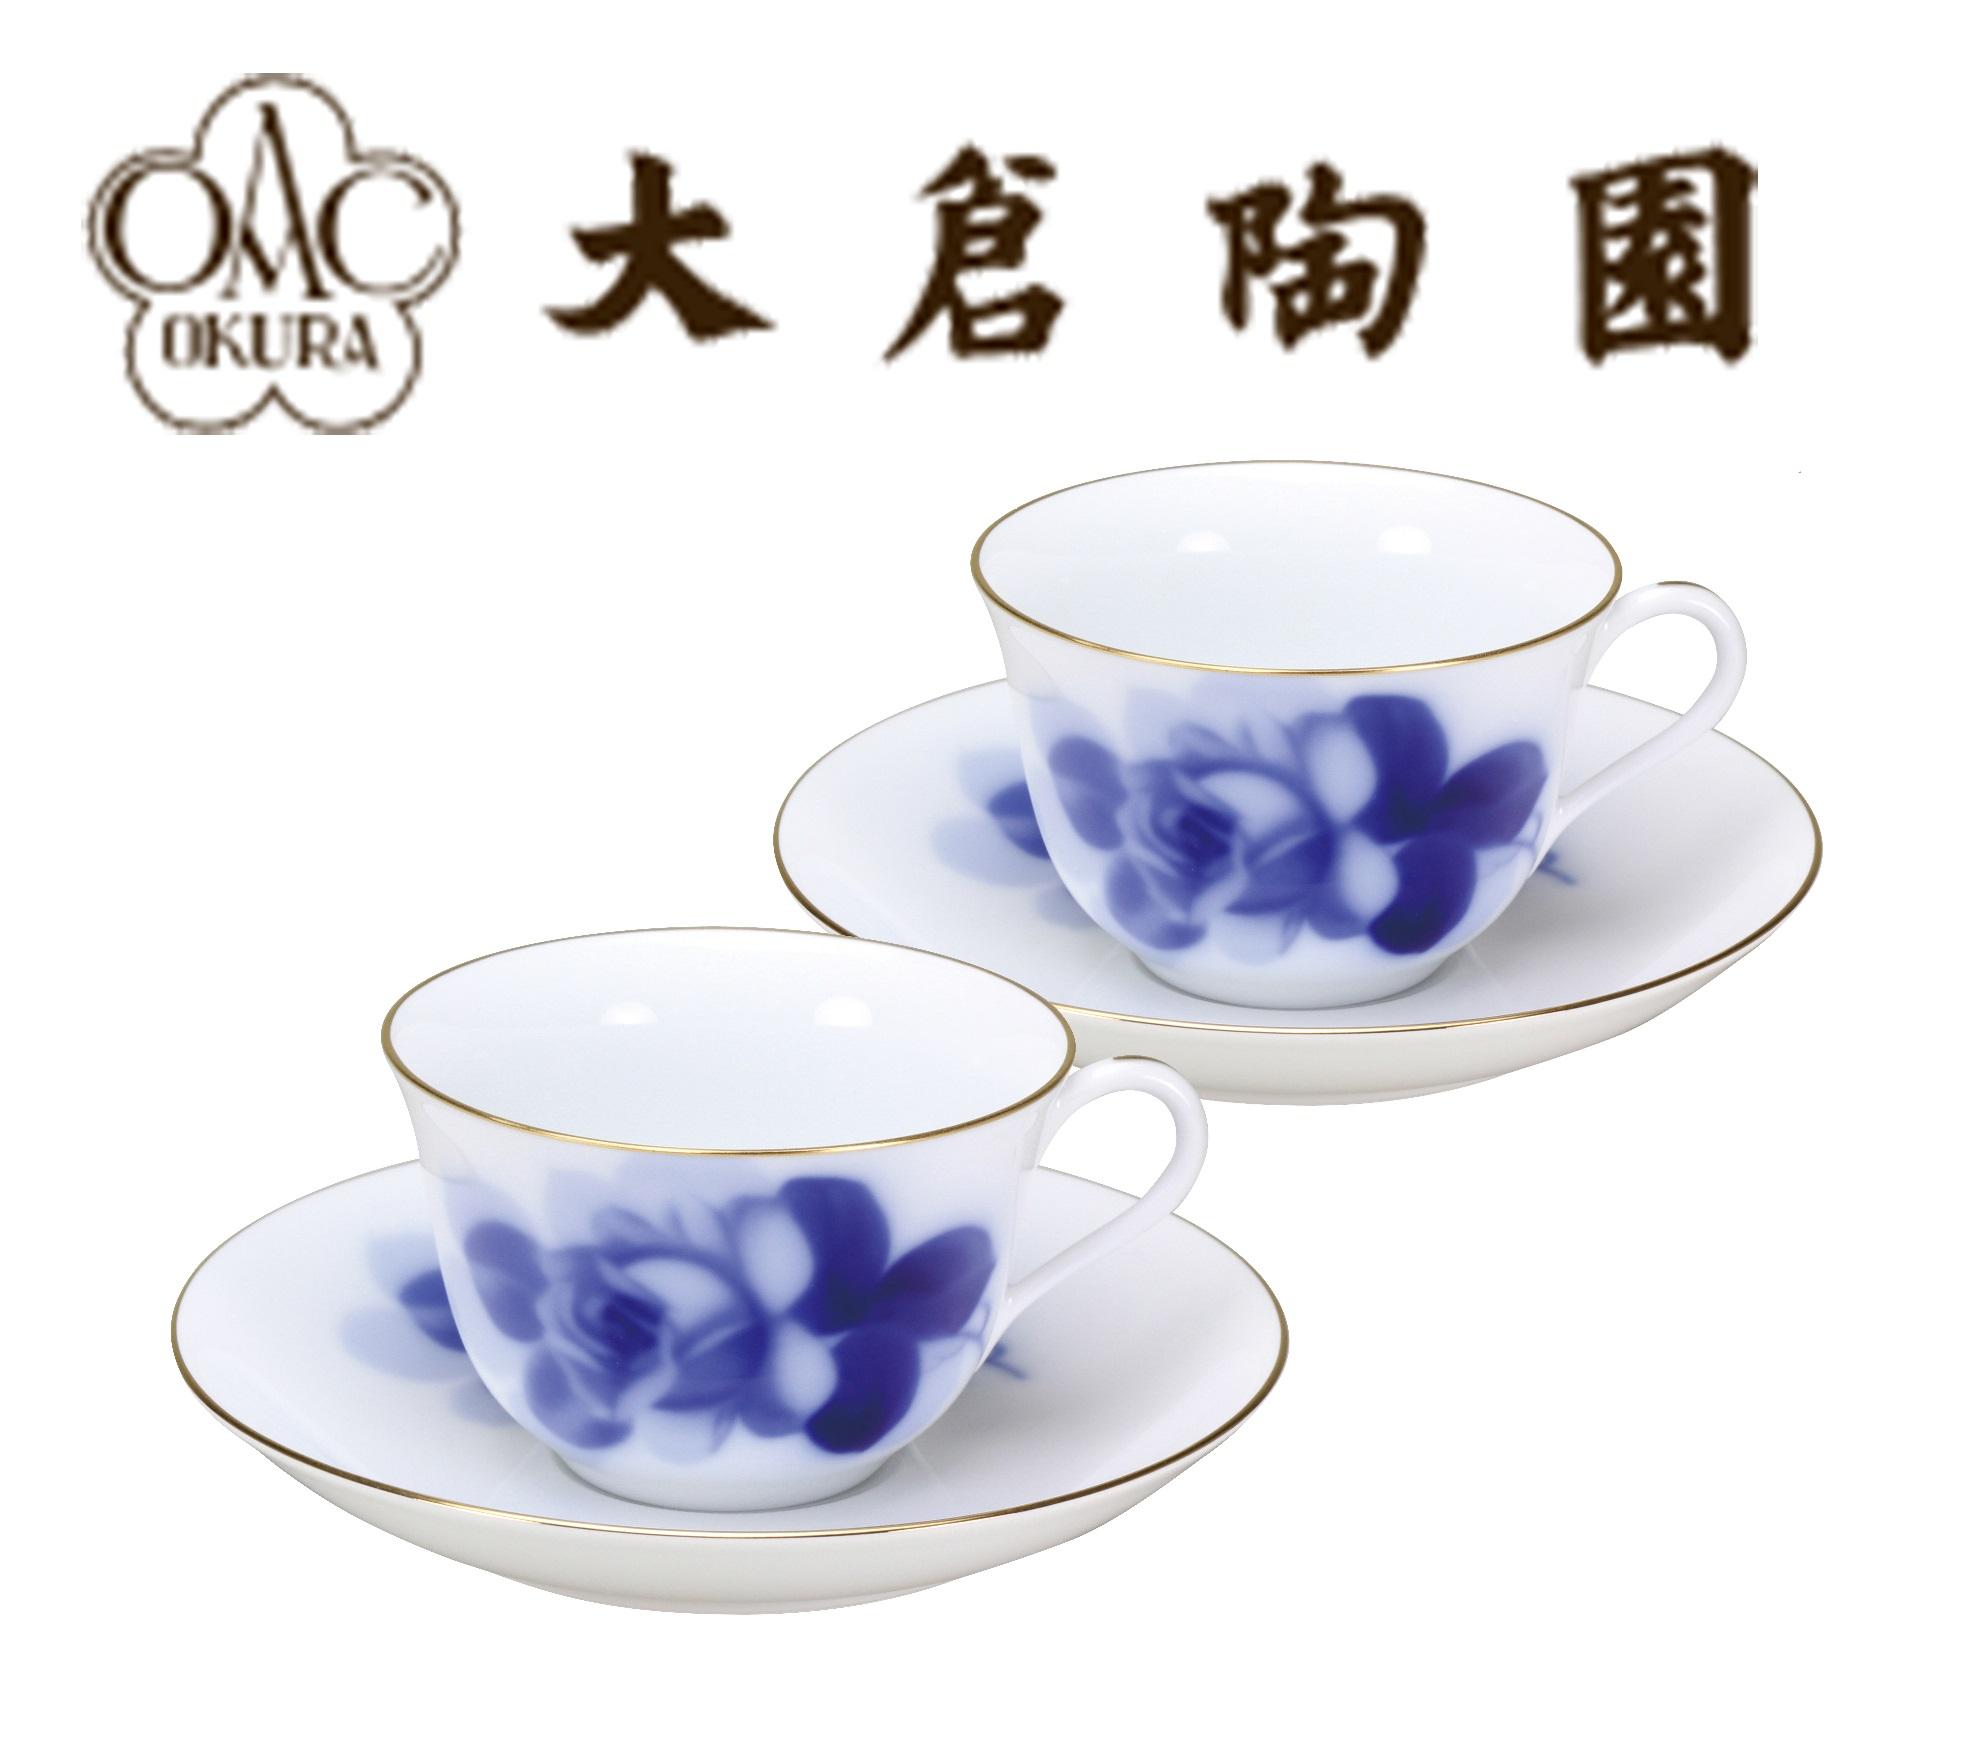 宮内庁御用達【大倉陶園】ブルーローズ 碗皿ペアセット(接客時に最適)